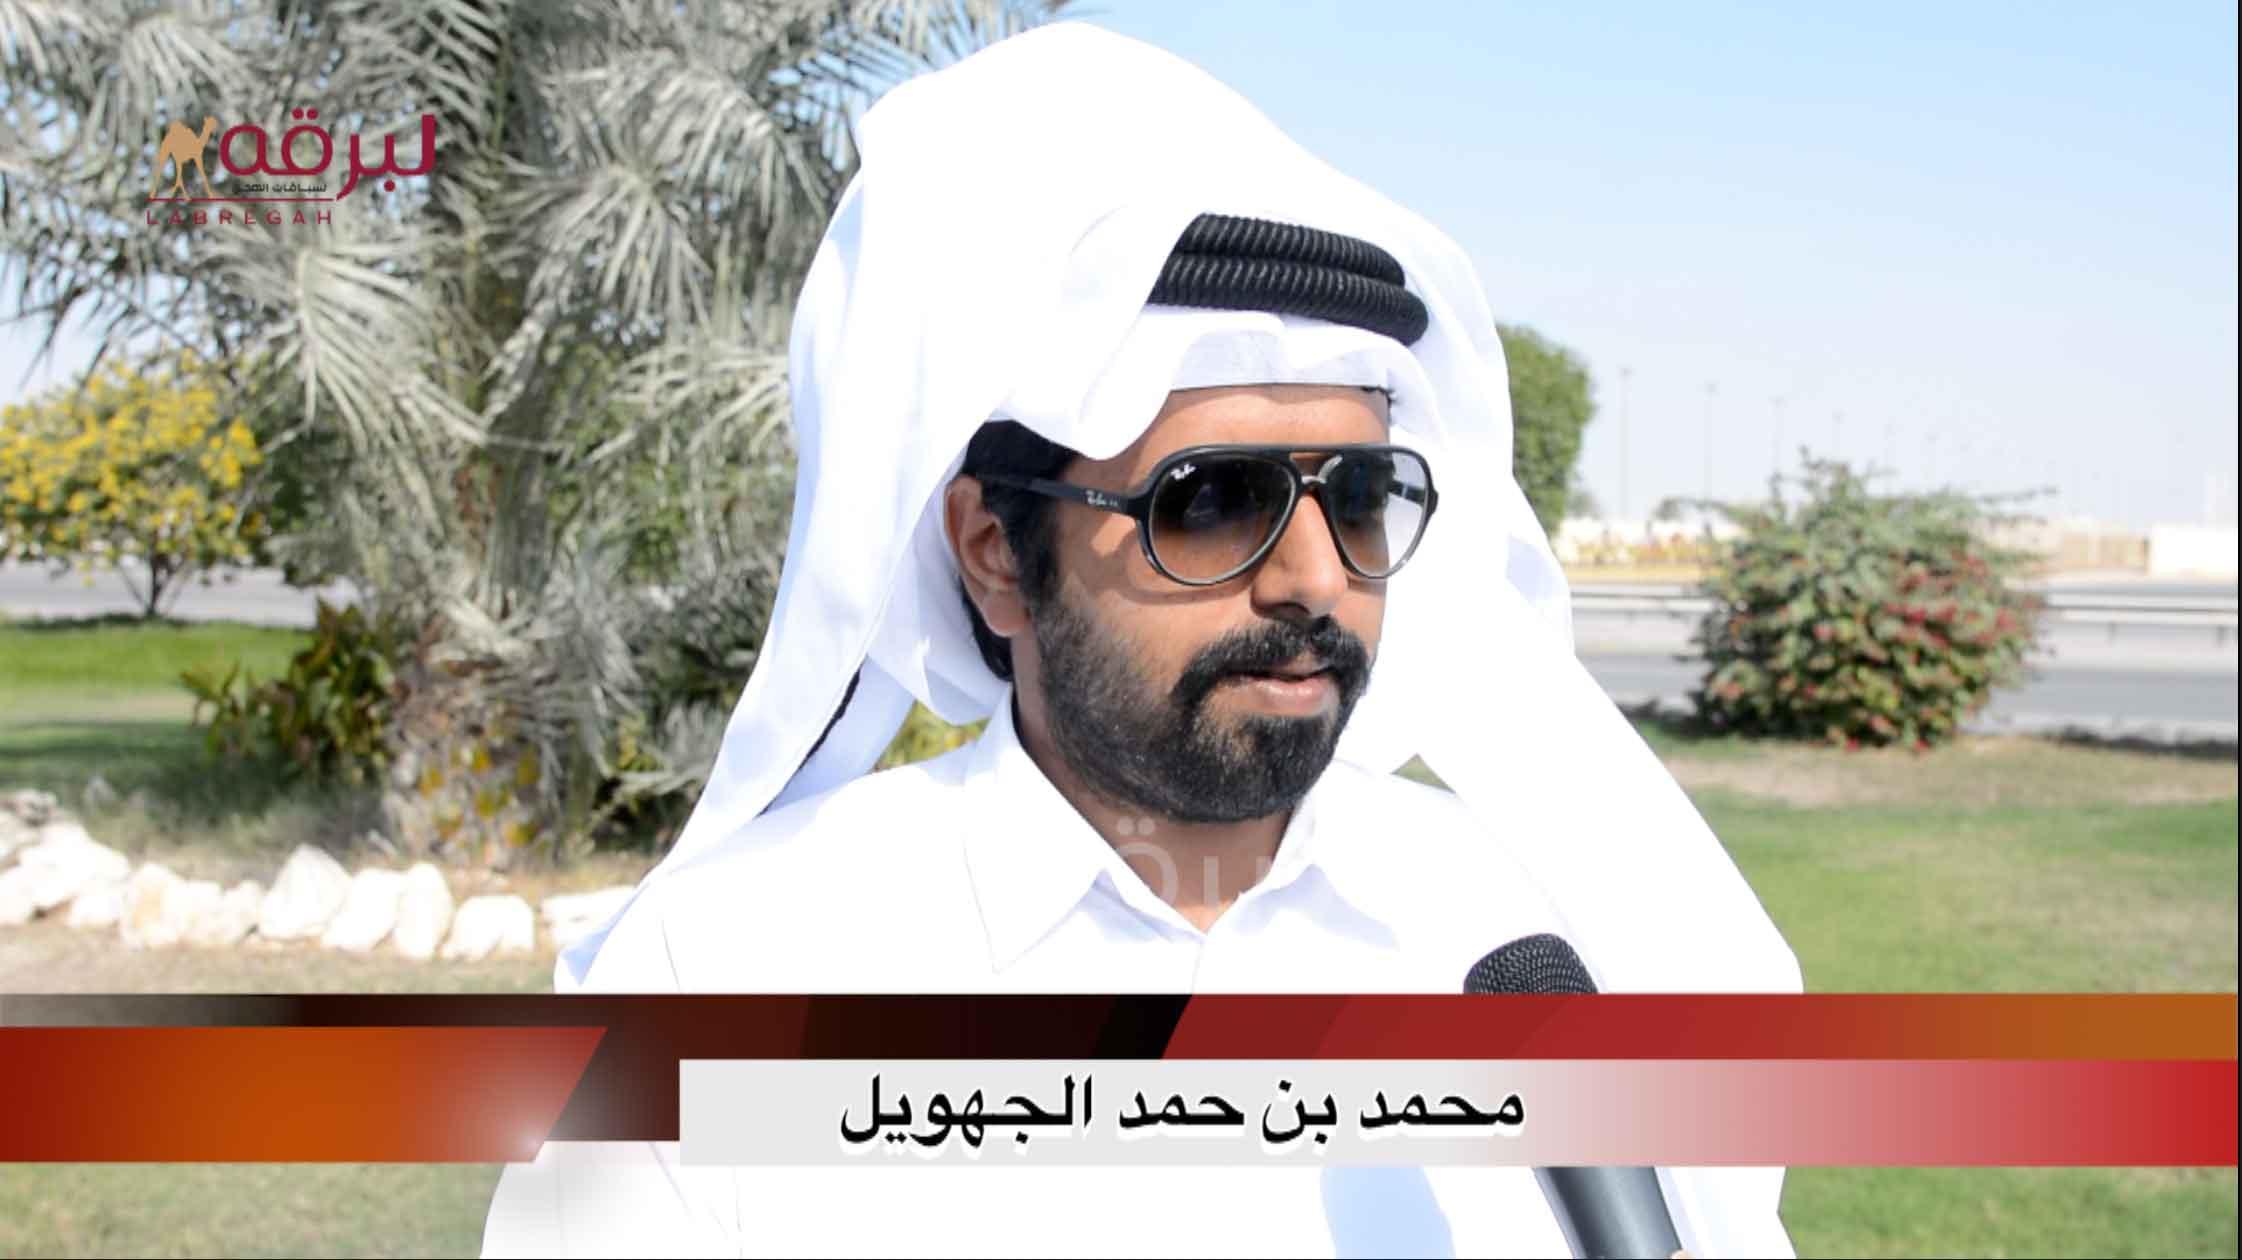 لقاء مع محمد بن حمد الجهويل.. الأشوط الرئيسية للقايا « مفتوح » الأشواط العامة  ٢٥-١٢-٢٠٢٠